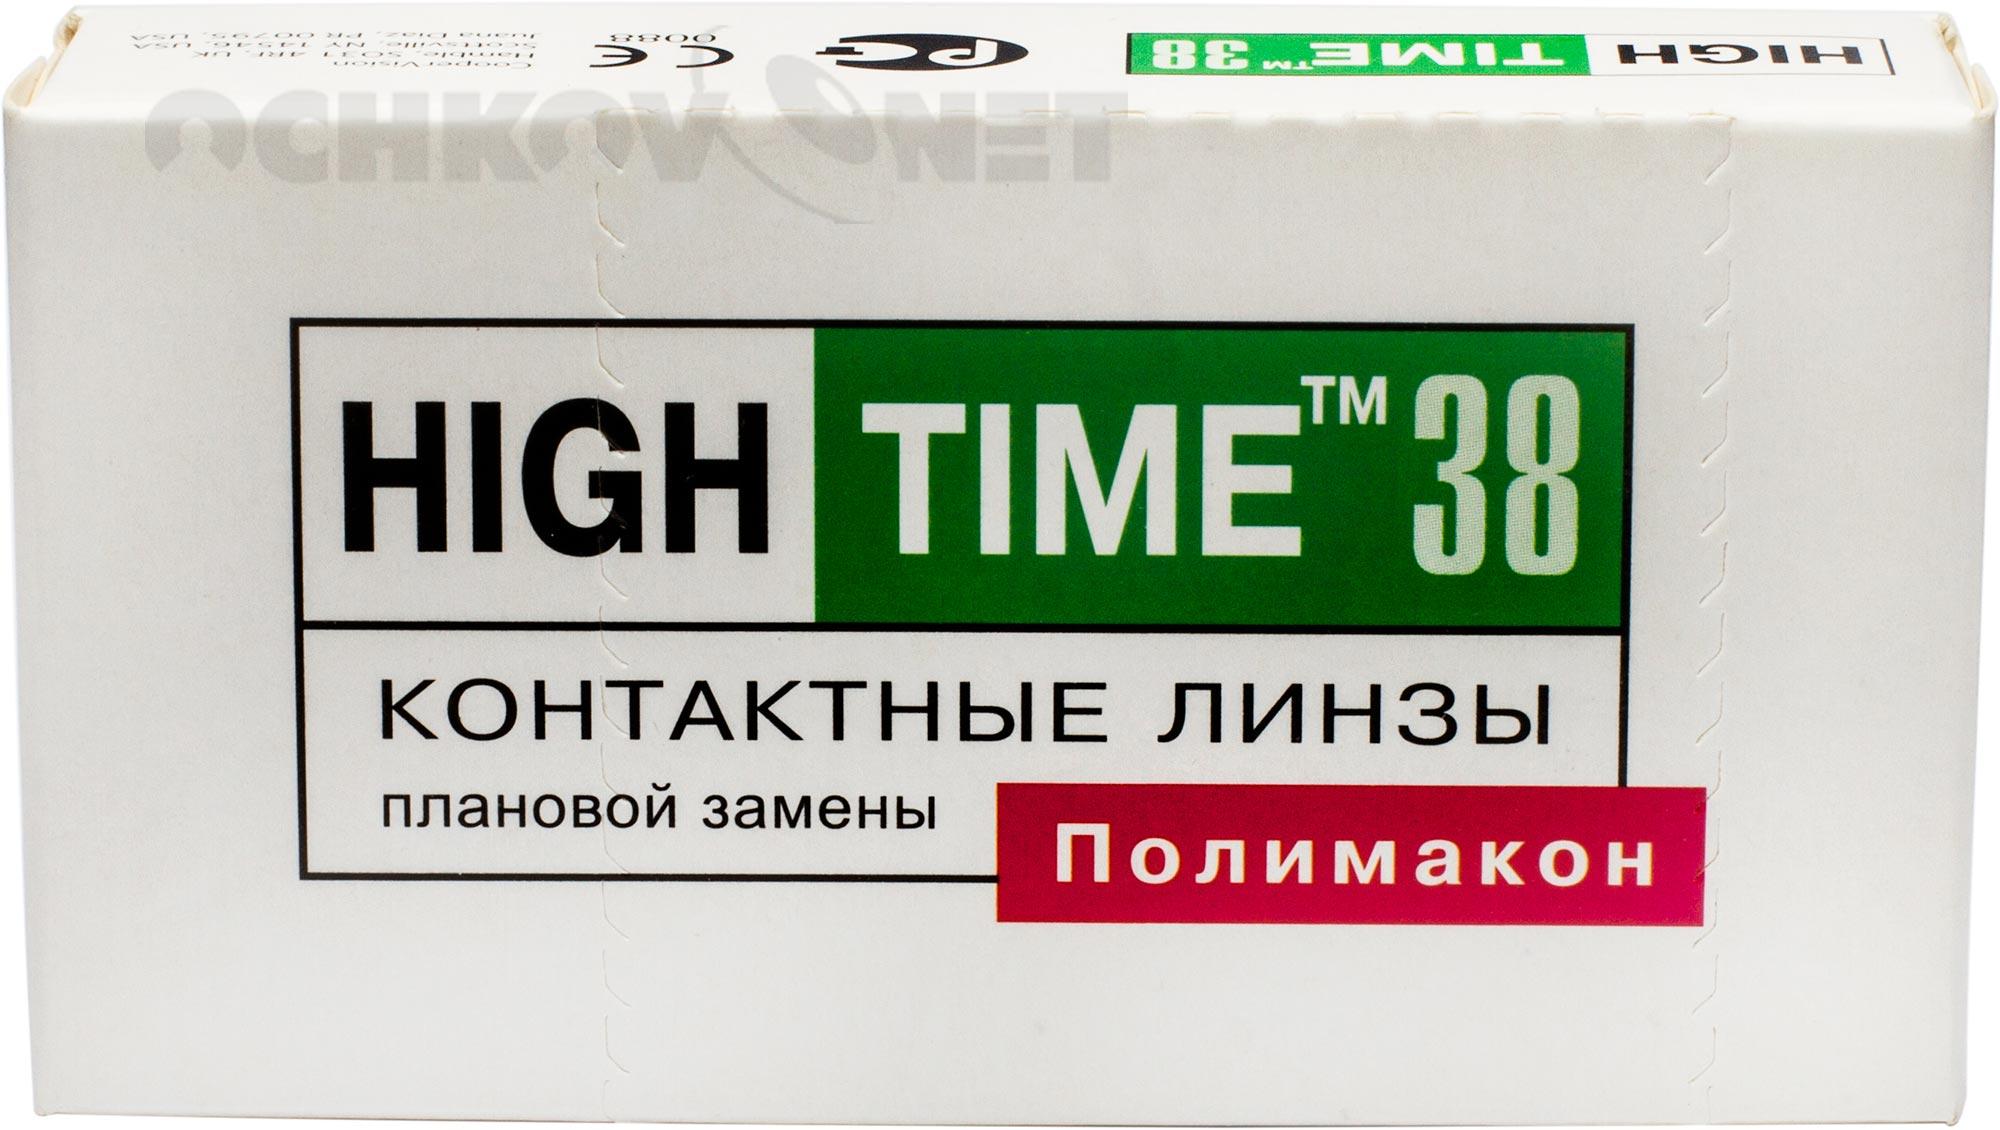 Контактные линзы High Time 38 4 линзы (упаковка)